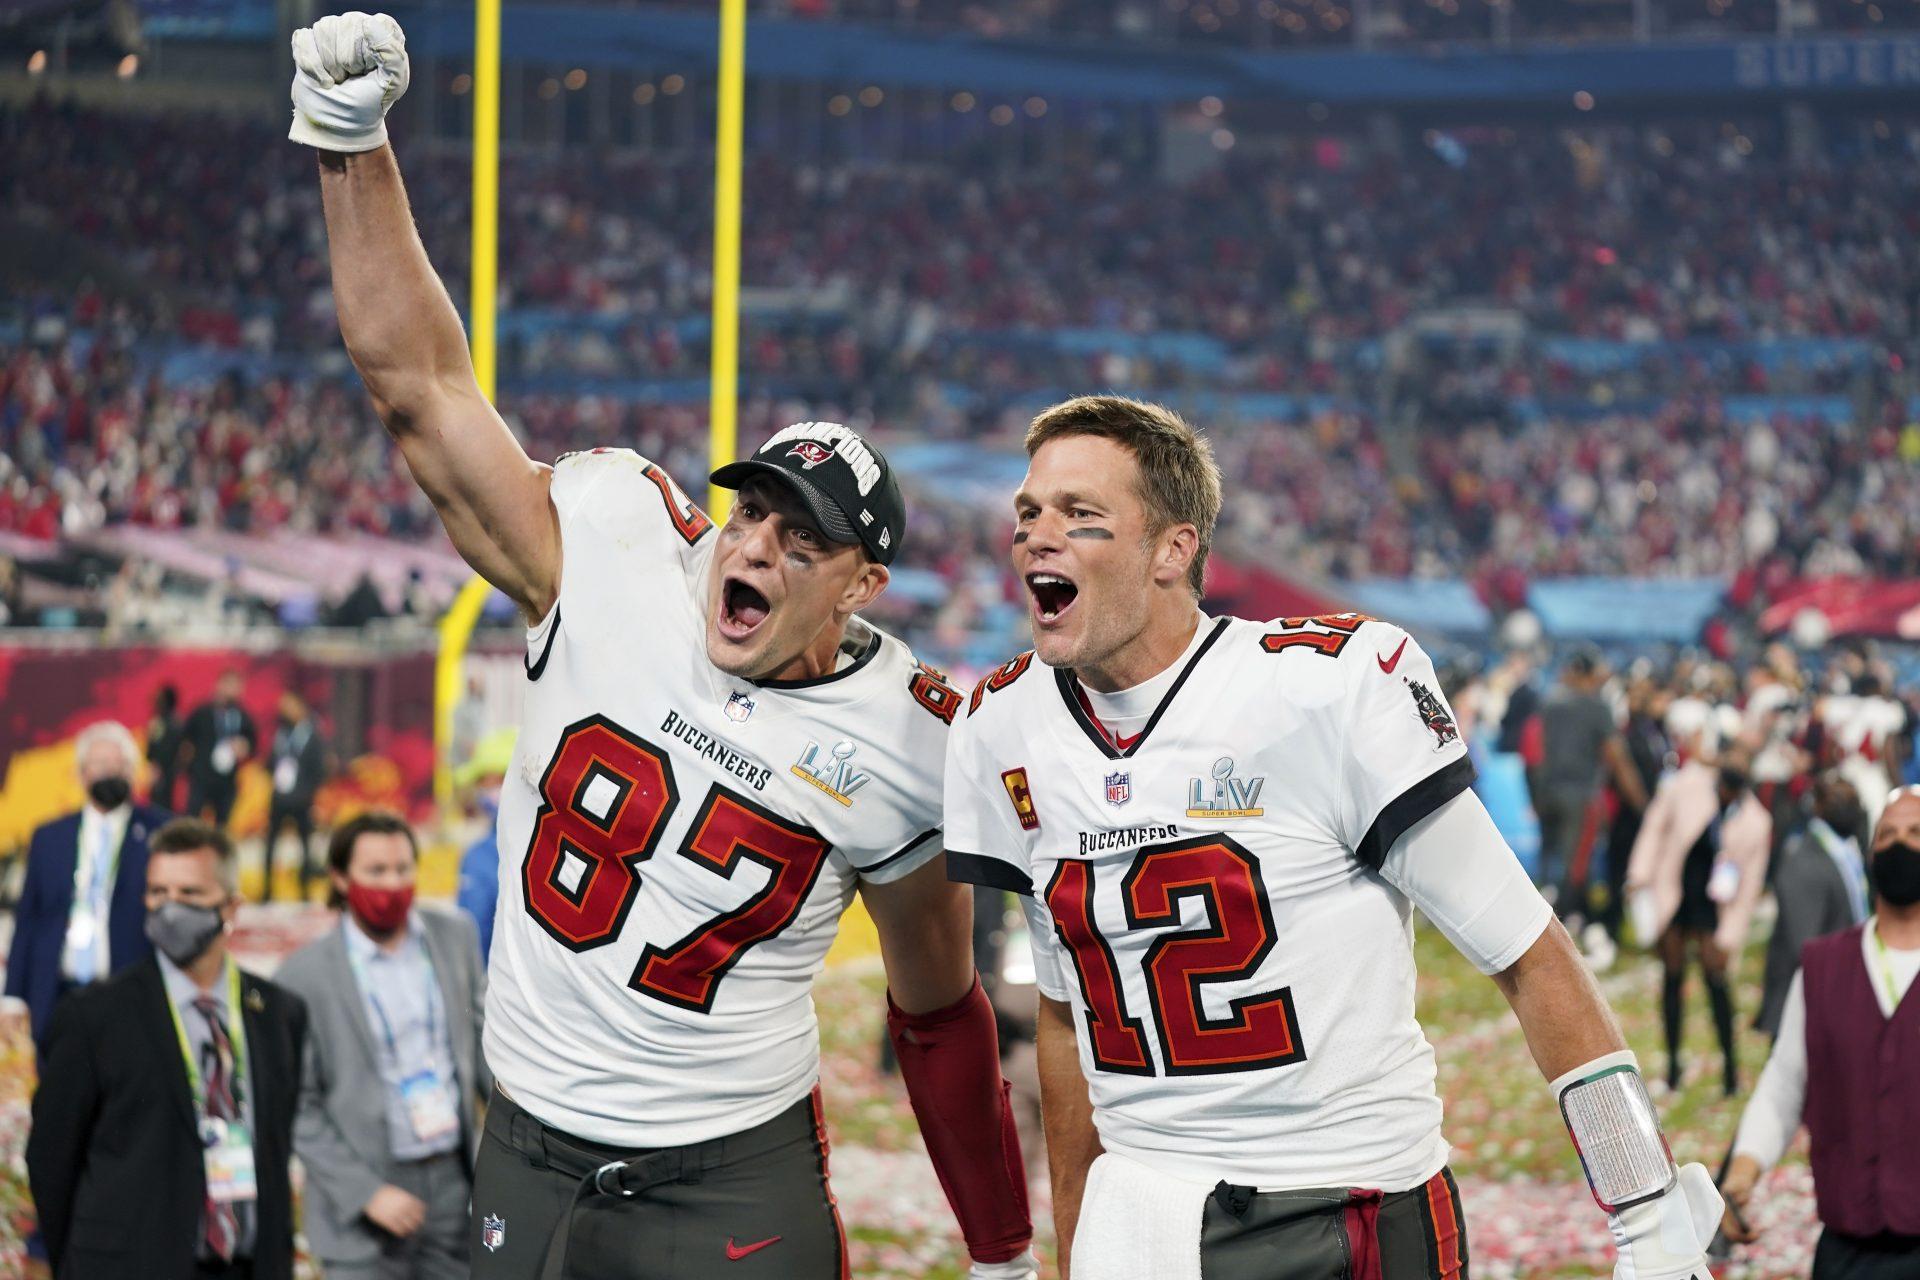 Teammates Rob Gronkowski and Tom Brady celebrate their Super Bowl LV win.